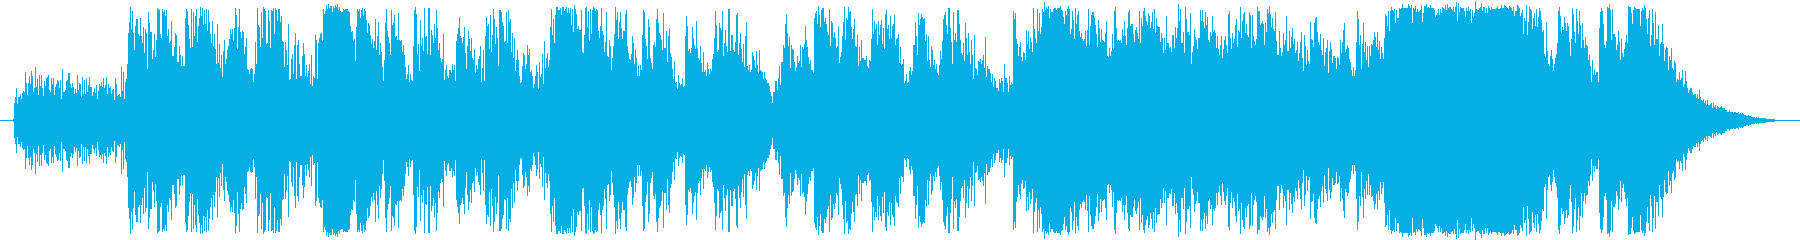 オーケストラアレンジの緊迫した曲の再生済みの波形